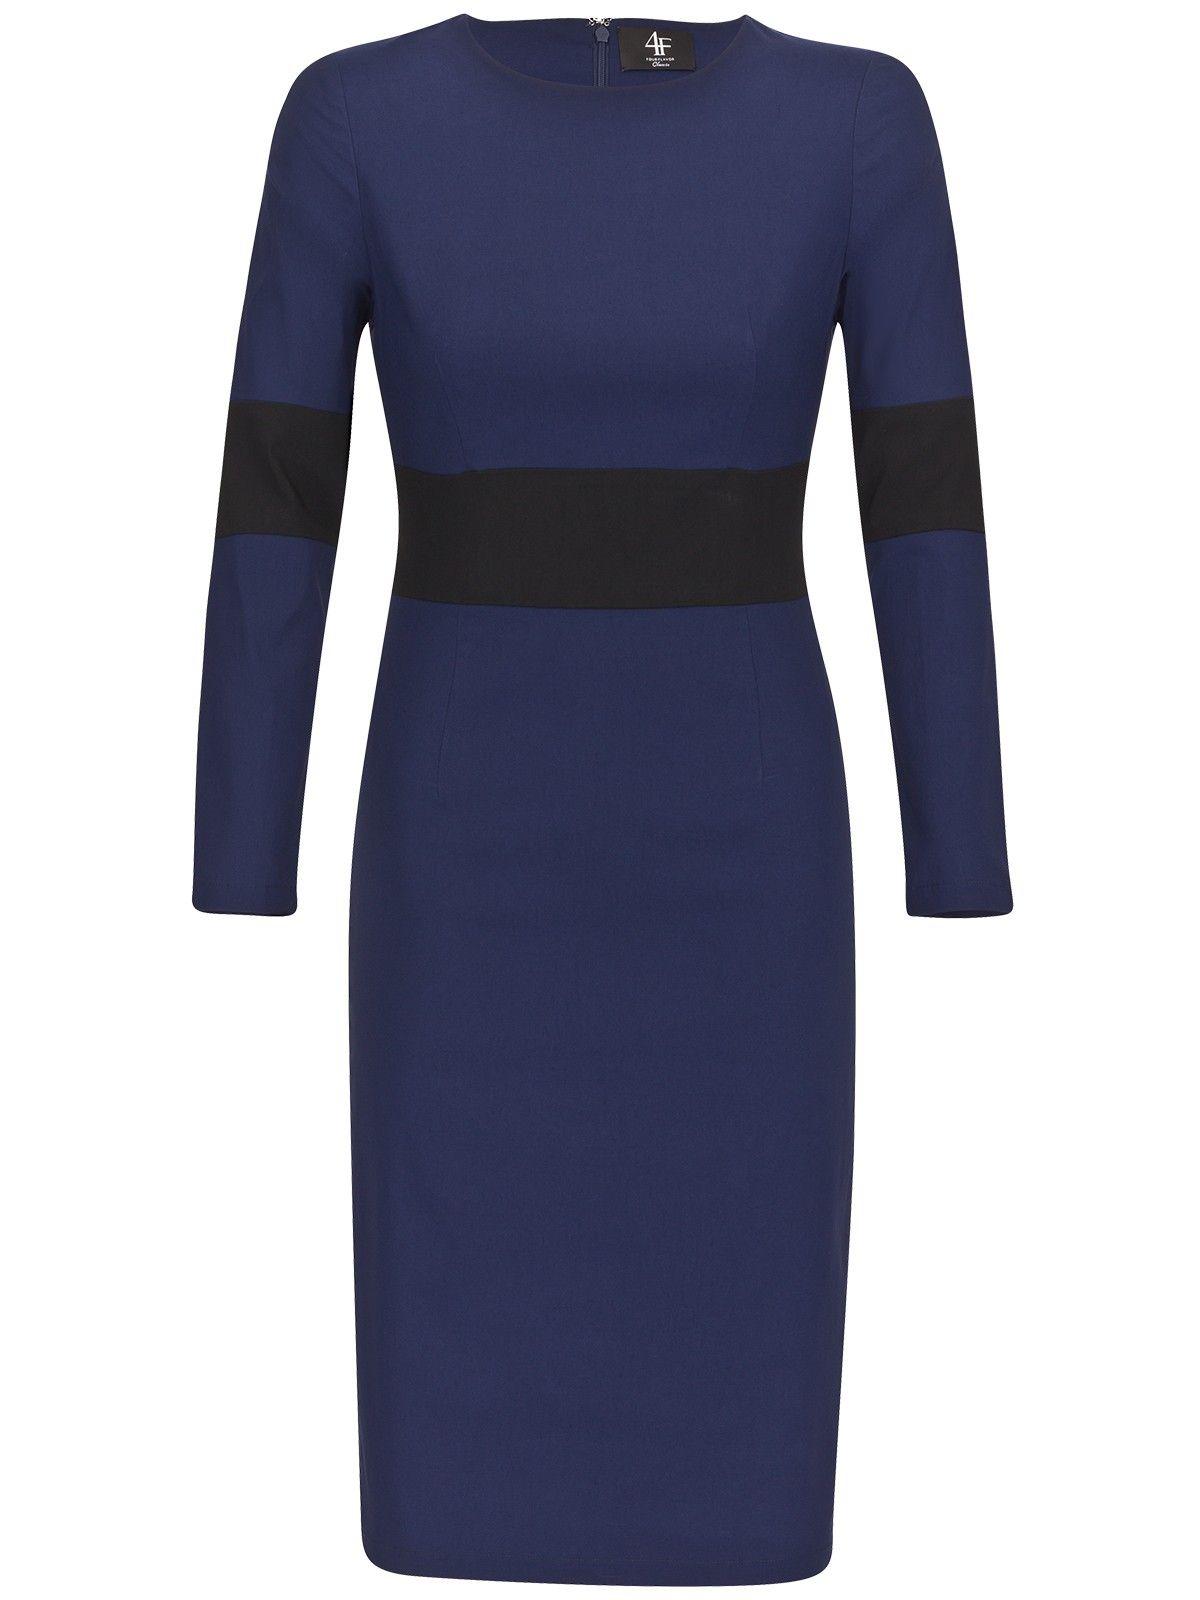 Etuikleid NARIO, dunkelblau/ schwarz   Abendkleider online ...